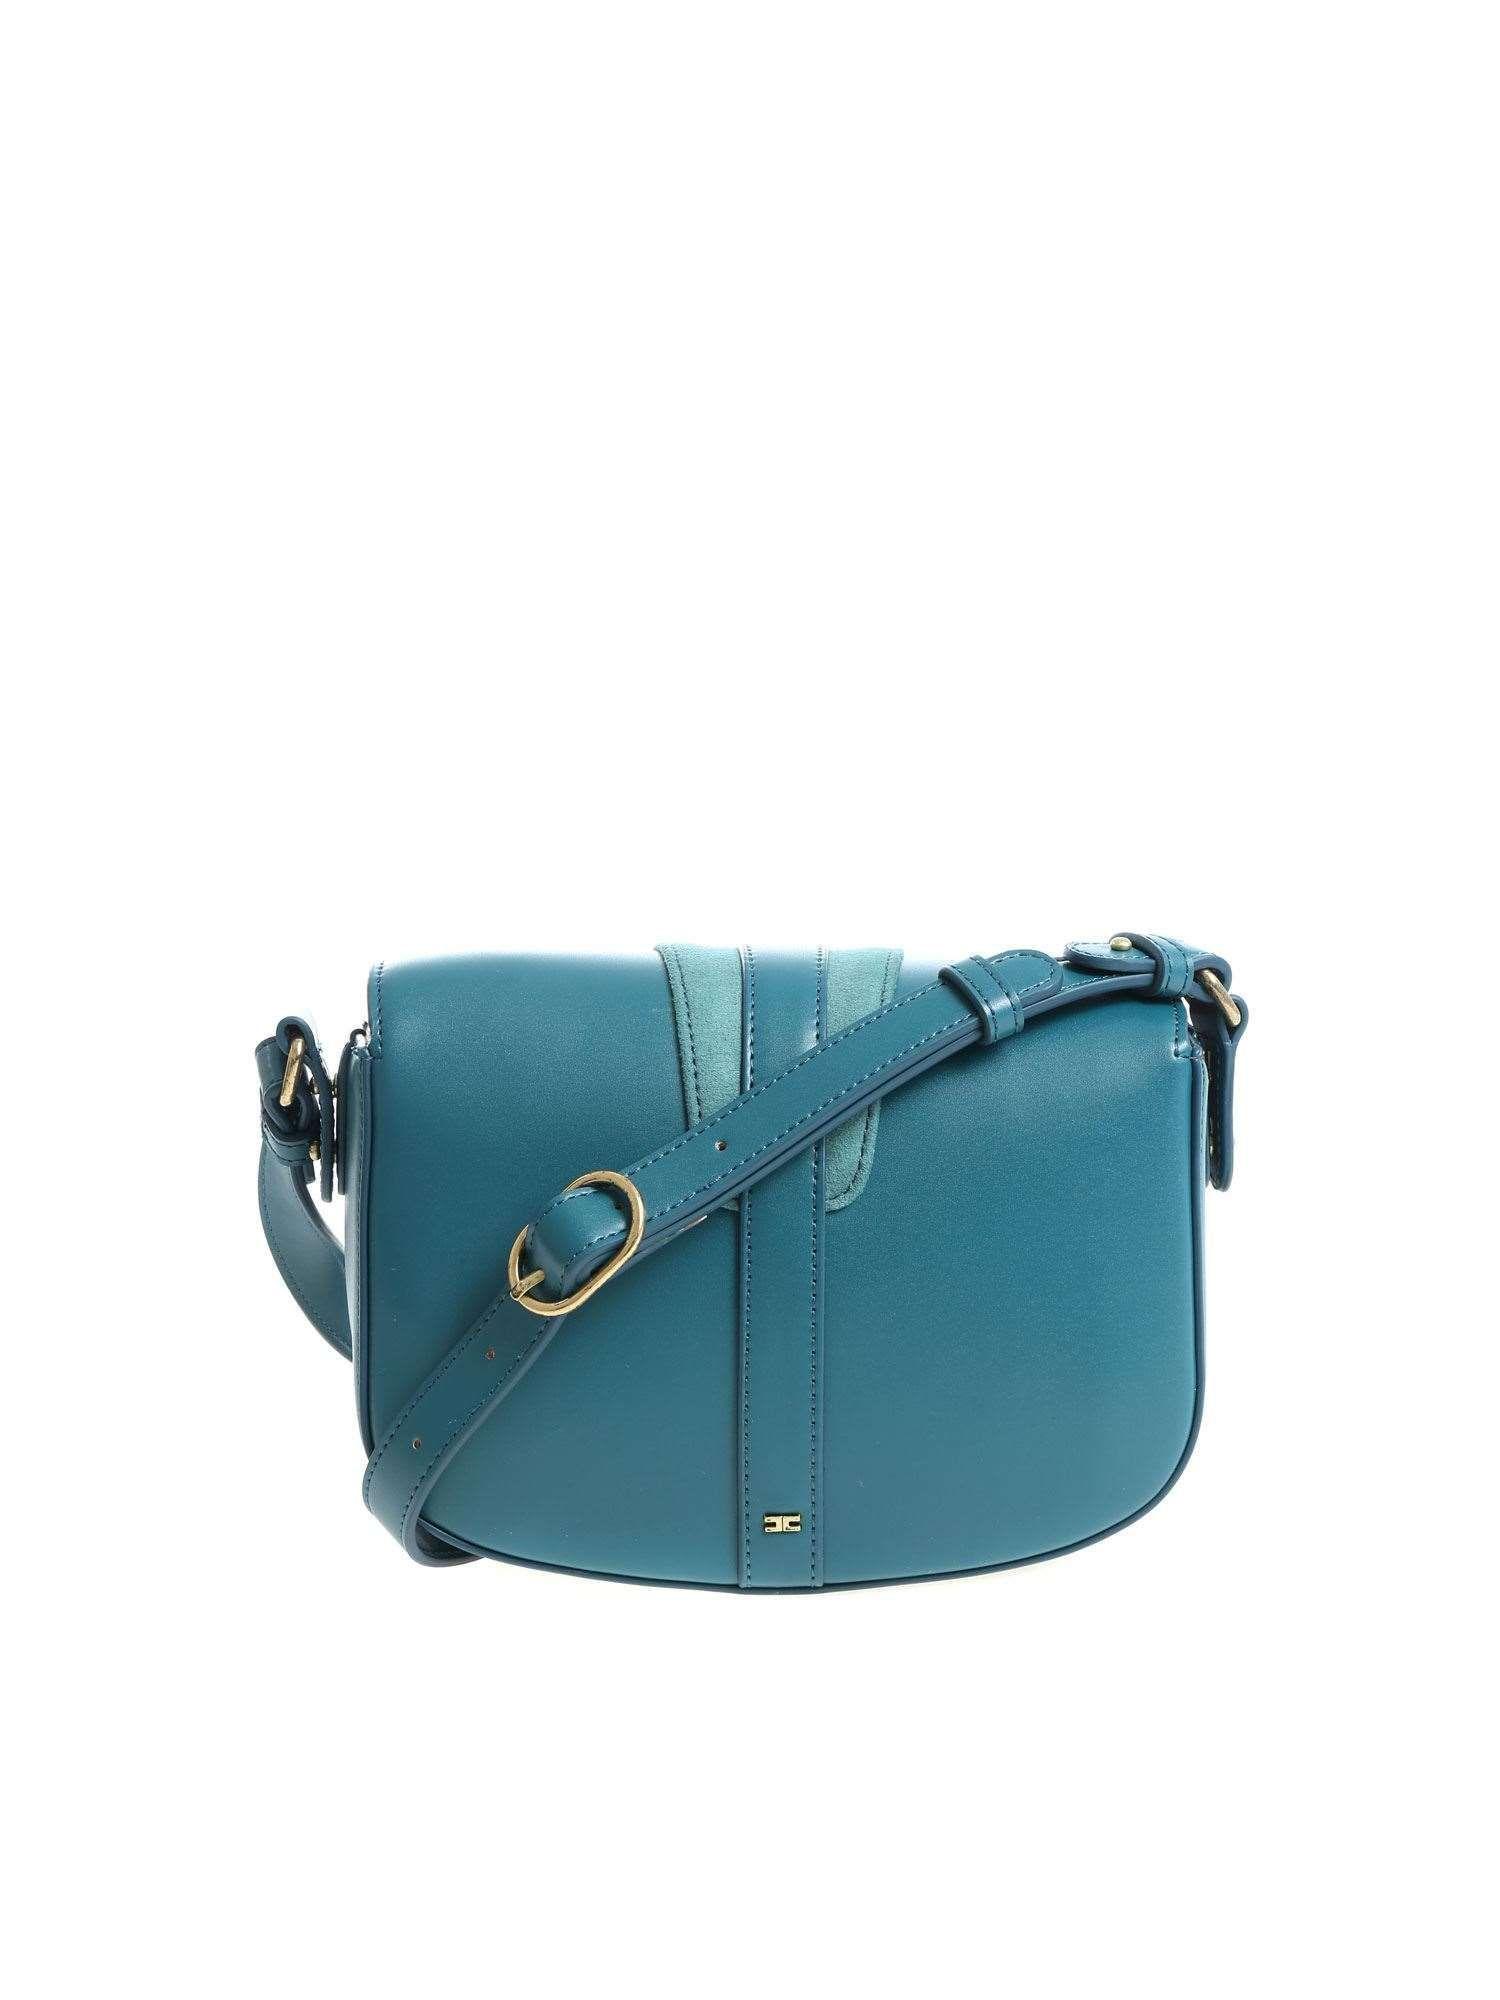 ELISABETTA FRANCHI WOMEN'S BS52A87E2804 BLUE FAUX LEATHER SHOULDER BAG